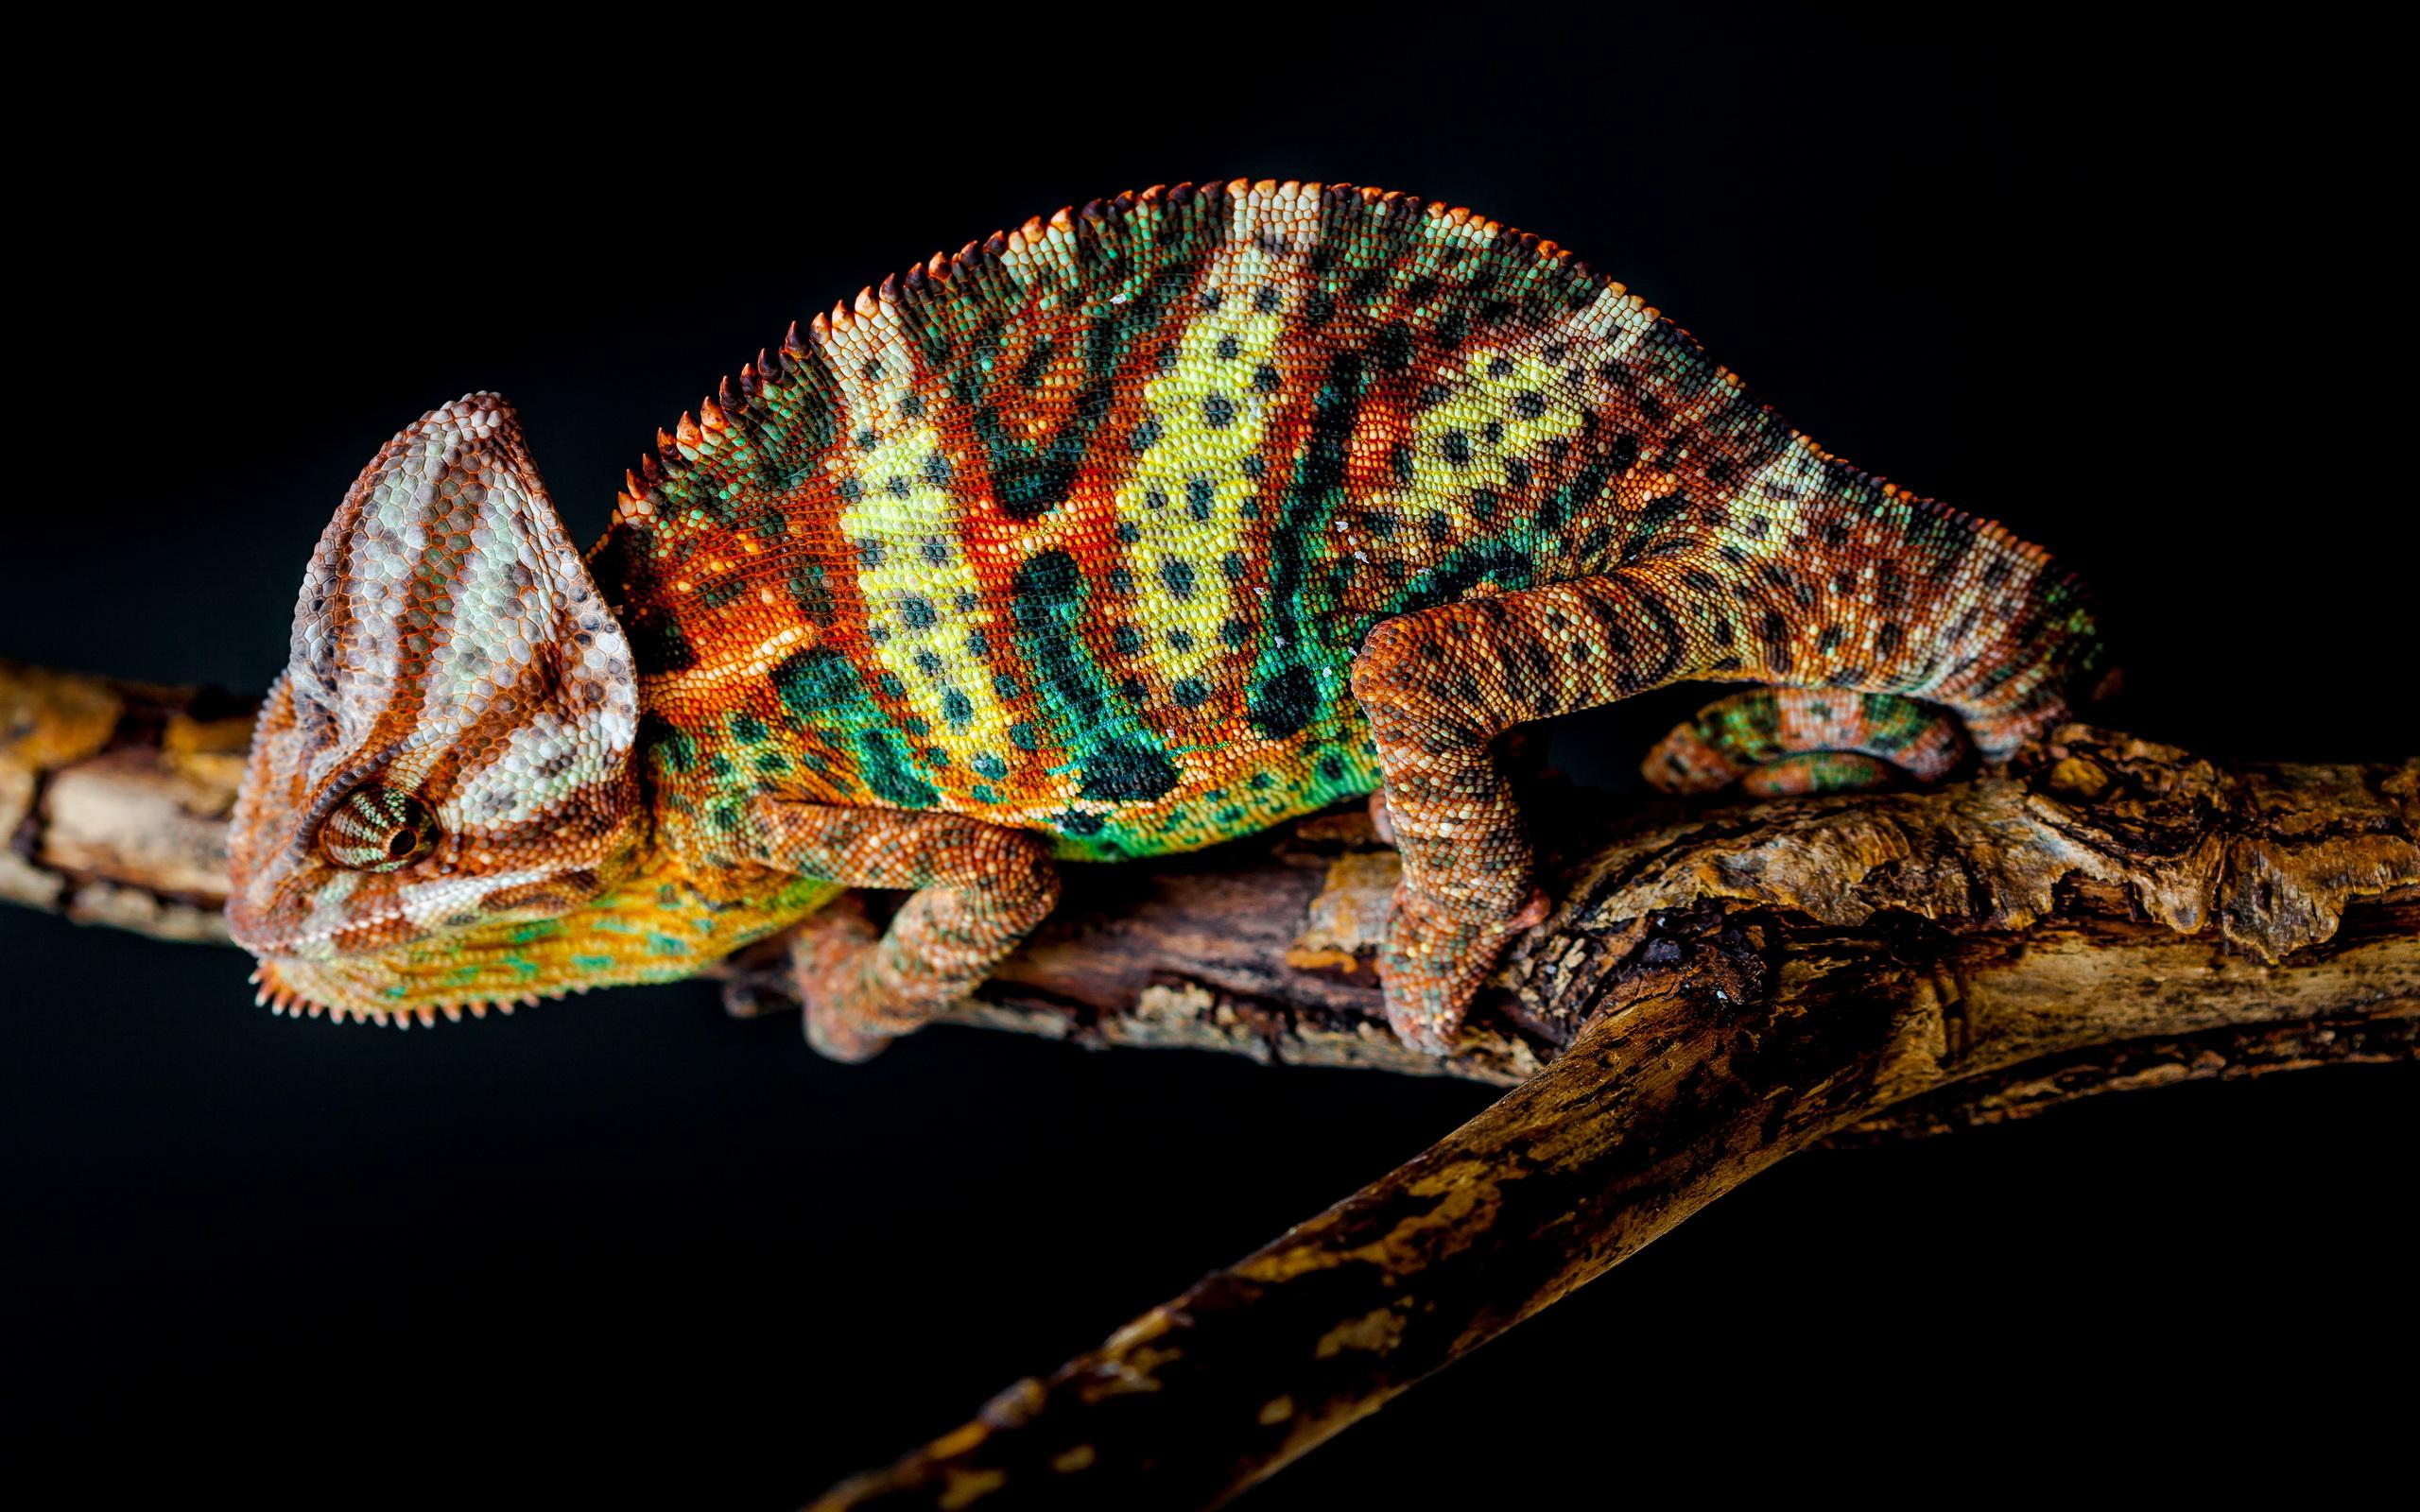 chameleon wallpaper iphone